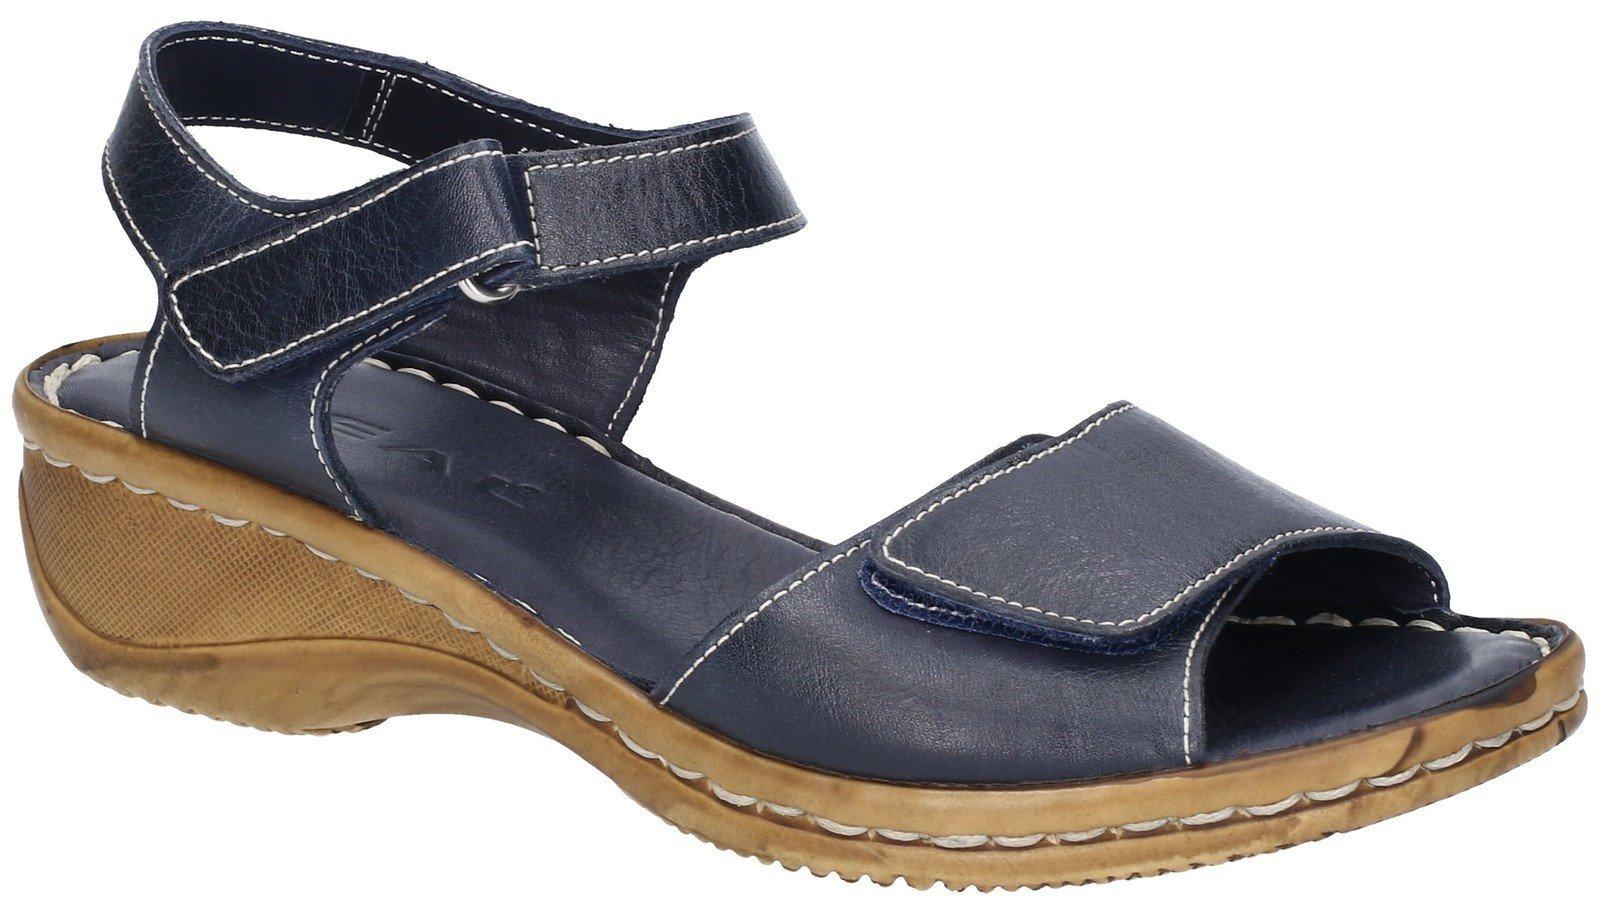 Fleet & Foster Women's Linden Touch Sandal Various Colours 28274 - Navy 3